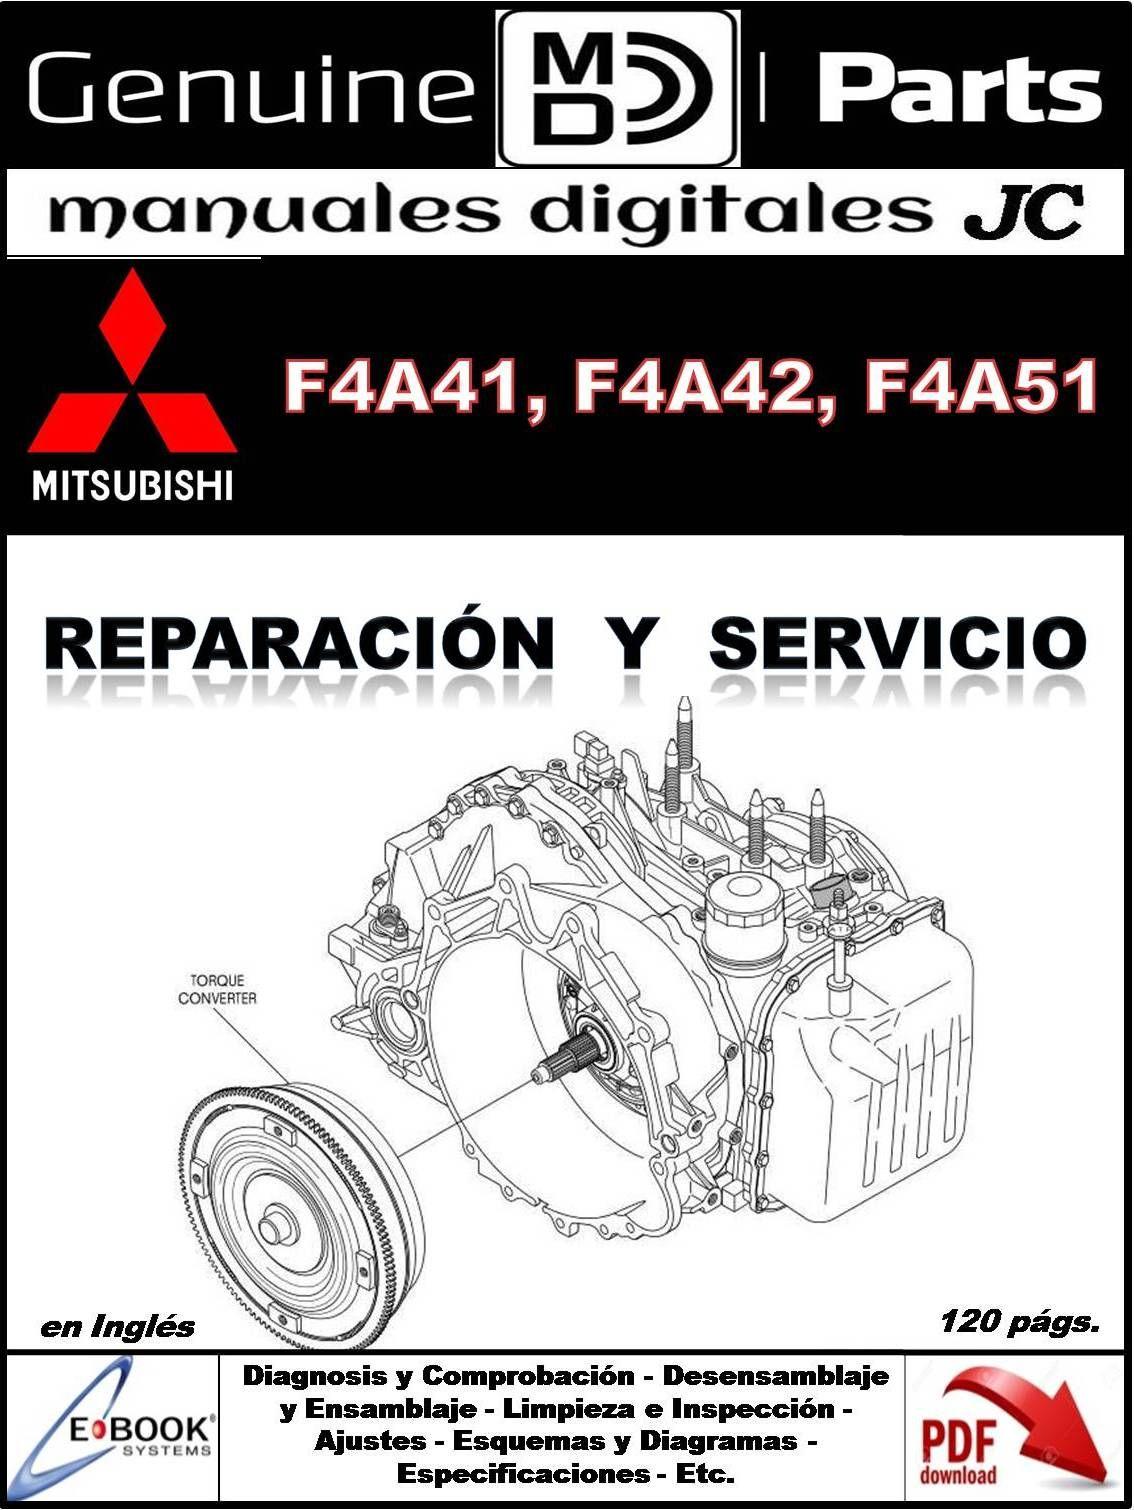 Pin de Manualesdigitales JC en Cajas de Velocidad - Automáticas y Manuales  | Pinterest | Mixer